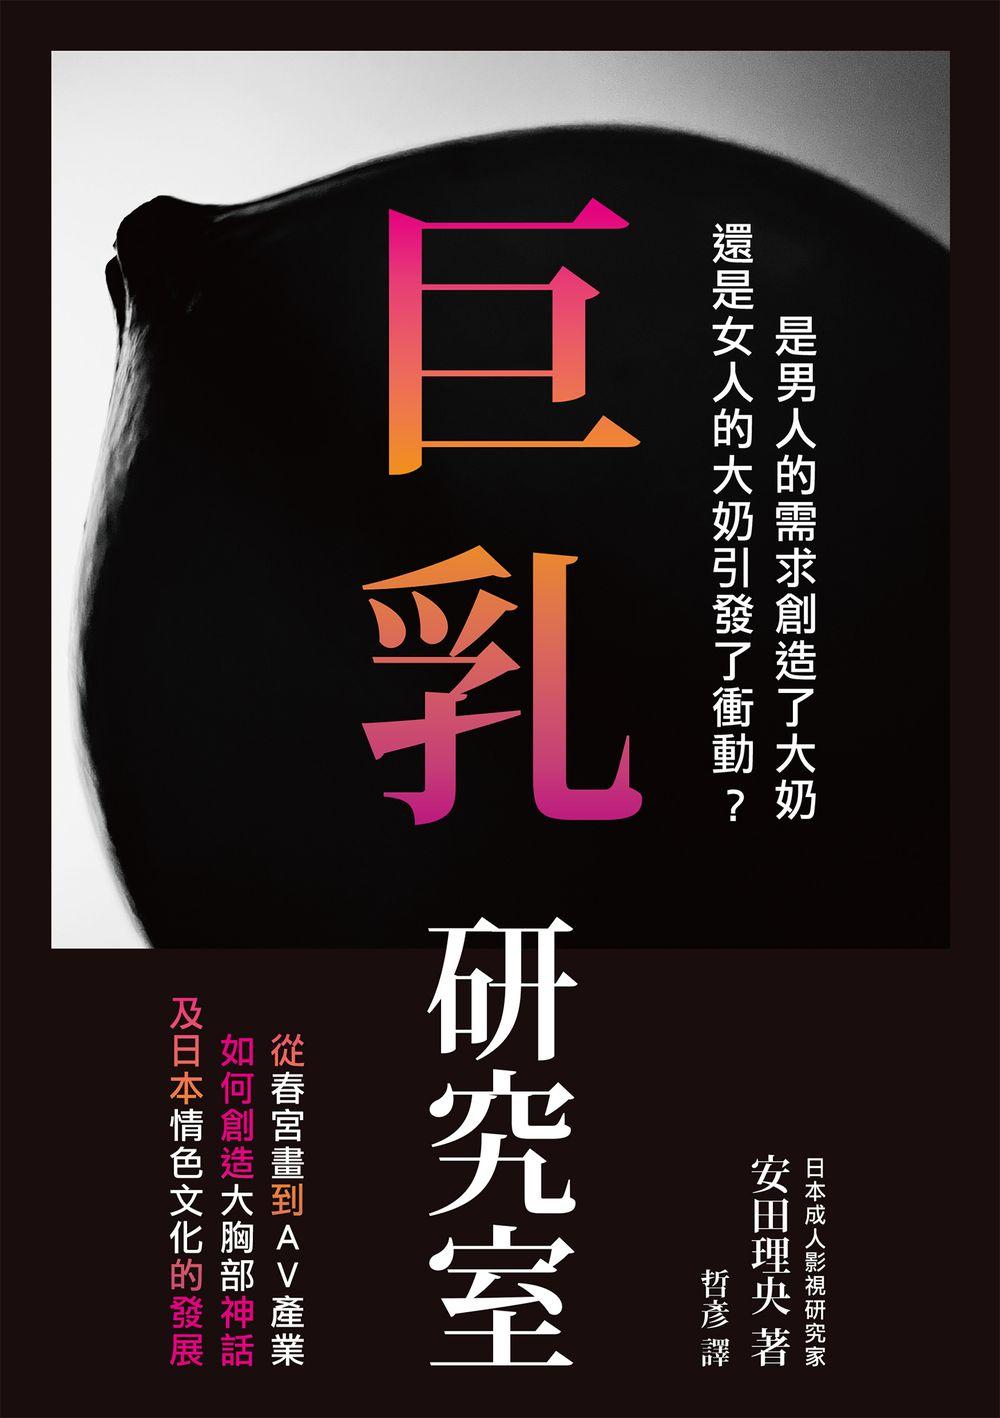 巨乳研究室 : 從春宮畫到AV產業如何創造大胸部神話,及日本情色文化的發展 (電子書)